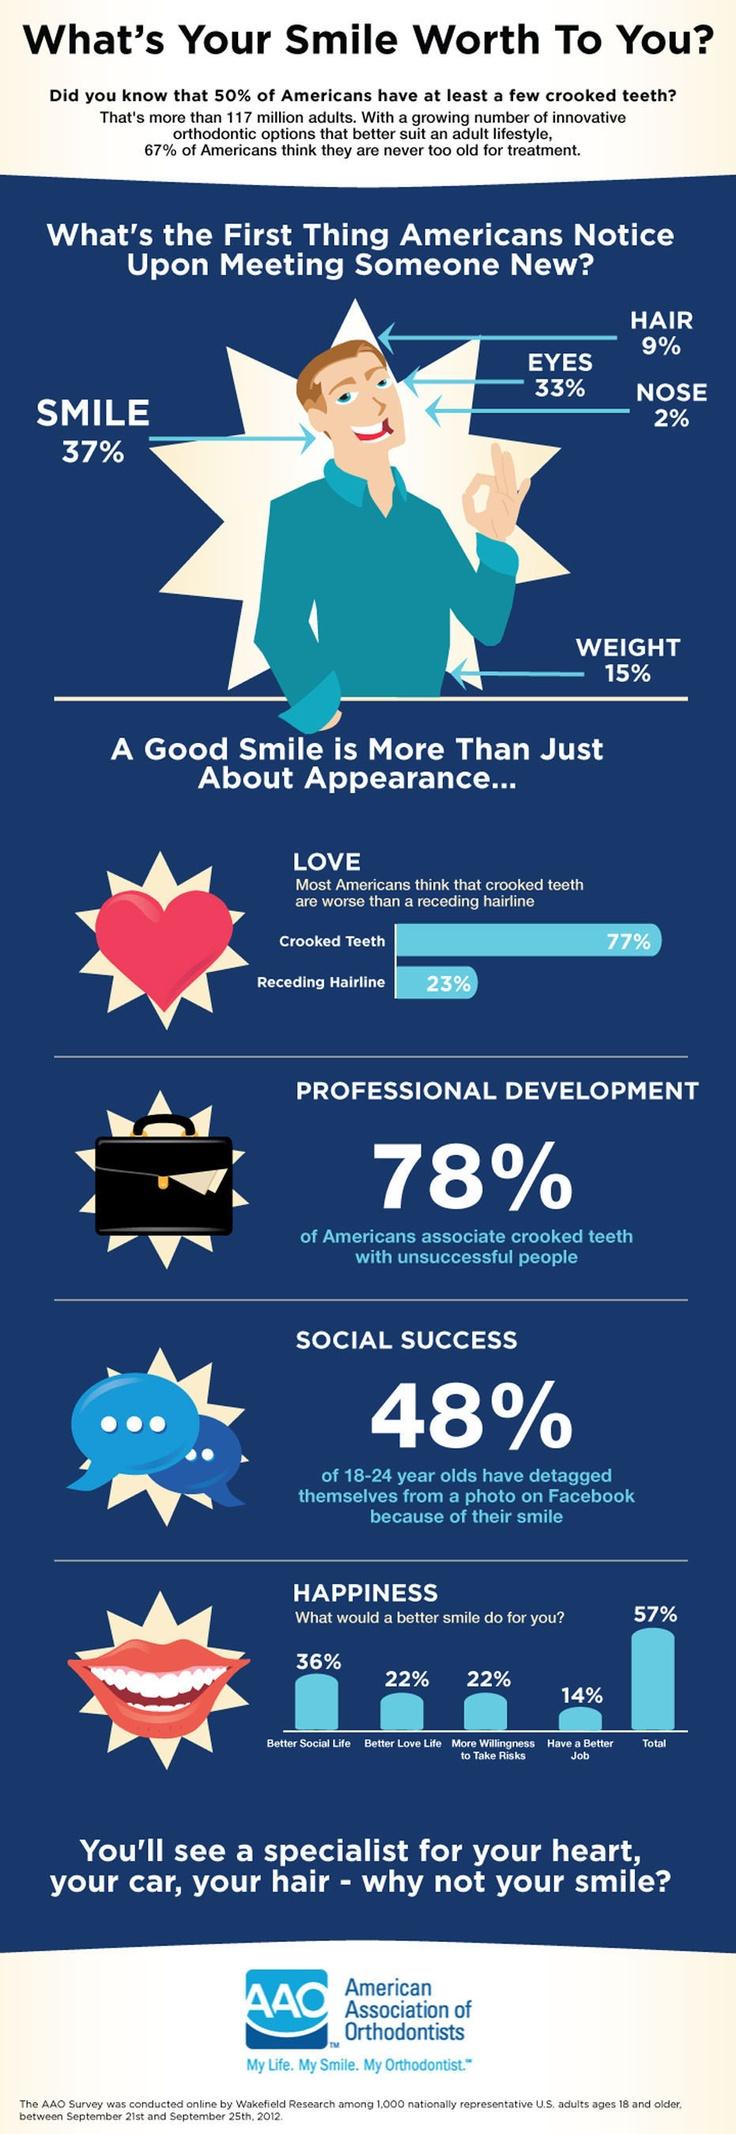 What's Your Smile Worth To You? Wat is jouw glimlach waard?  Wat wij voor je kunnen doen?  Www.tweedemening.nl Voor beugels, orthodontie en esthetische tandheelkunde. Gewoon mooie tanden, een geweldig gebit. Voor iedereen!